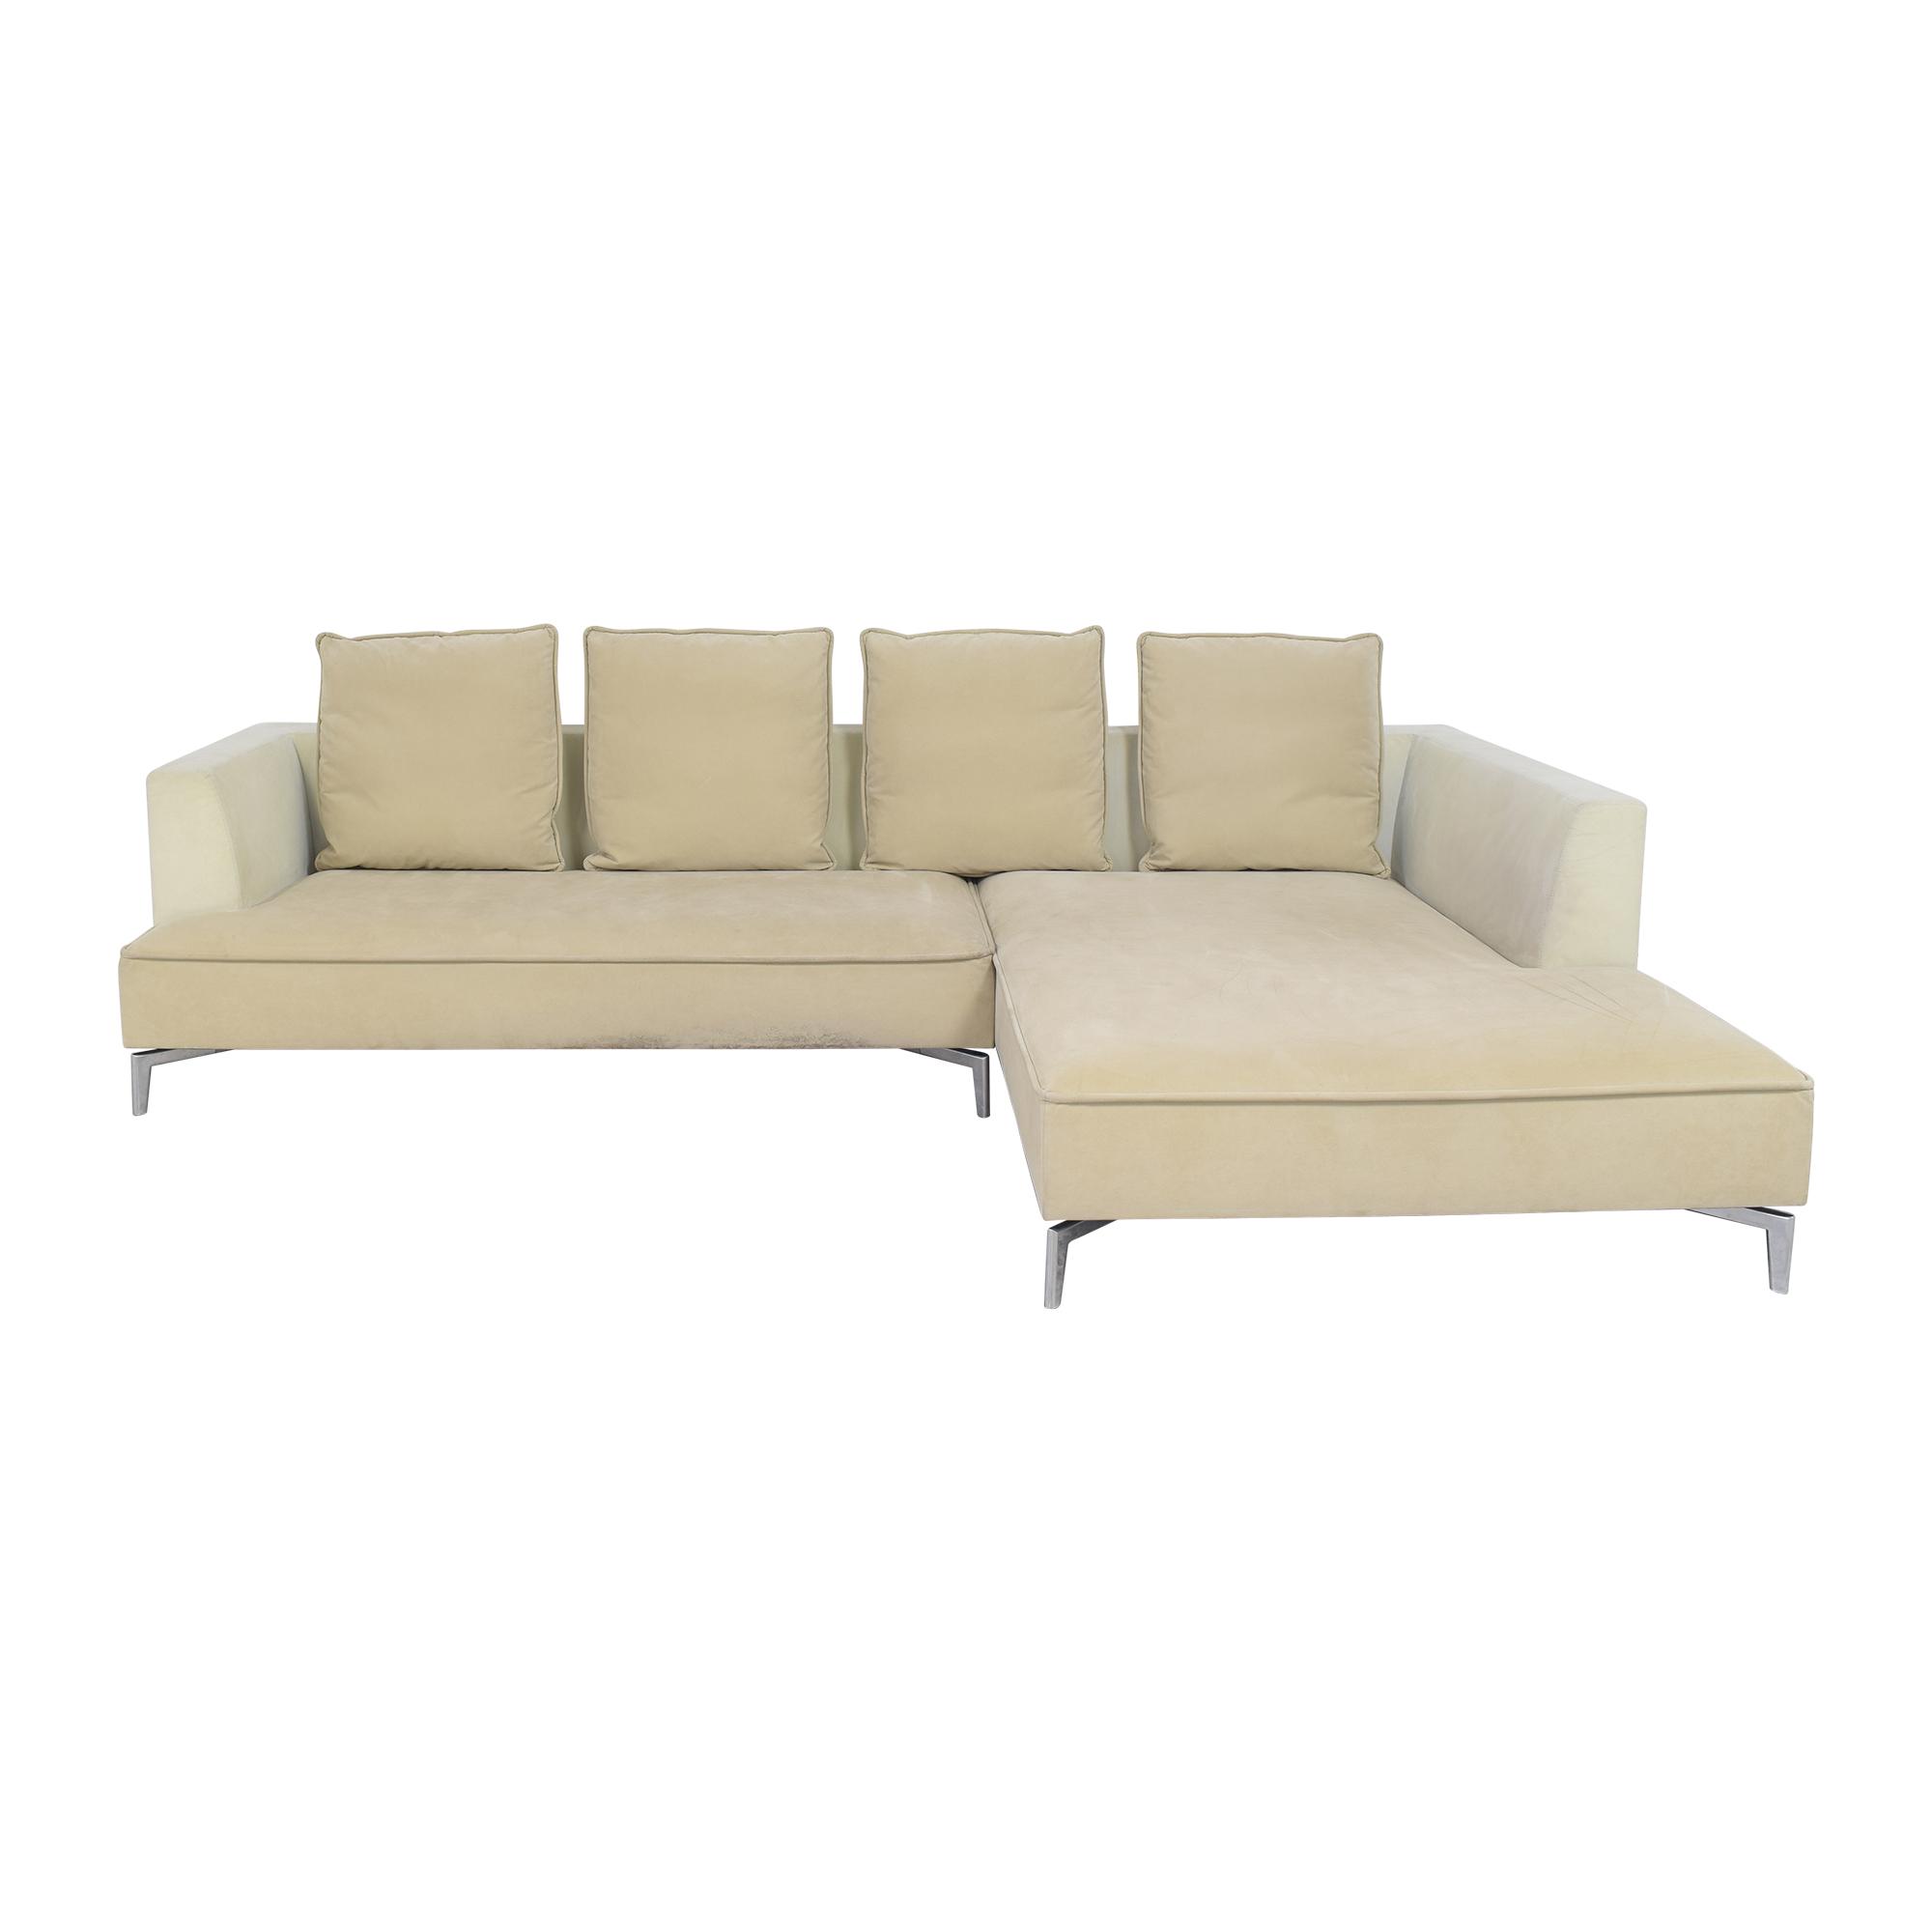 Ligne Roset Ligne Roset Chaise Sectional Sofa Sofas